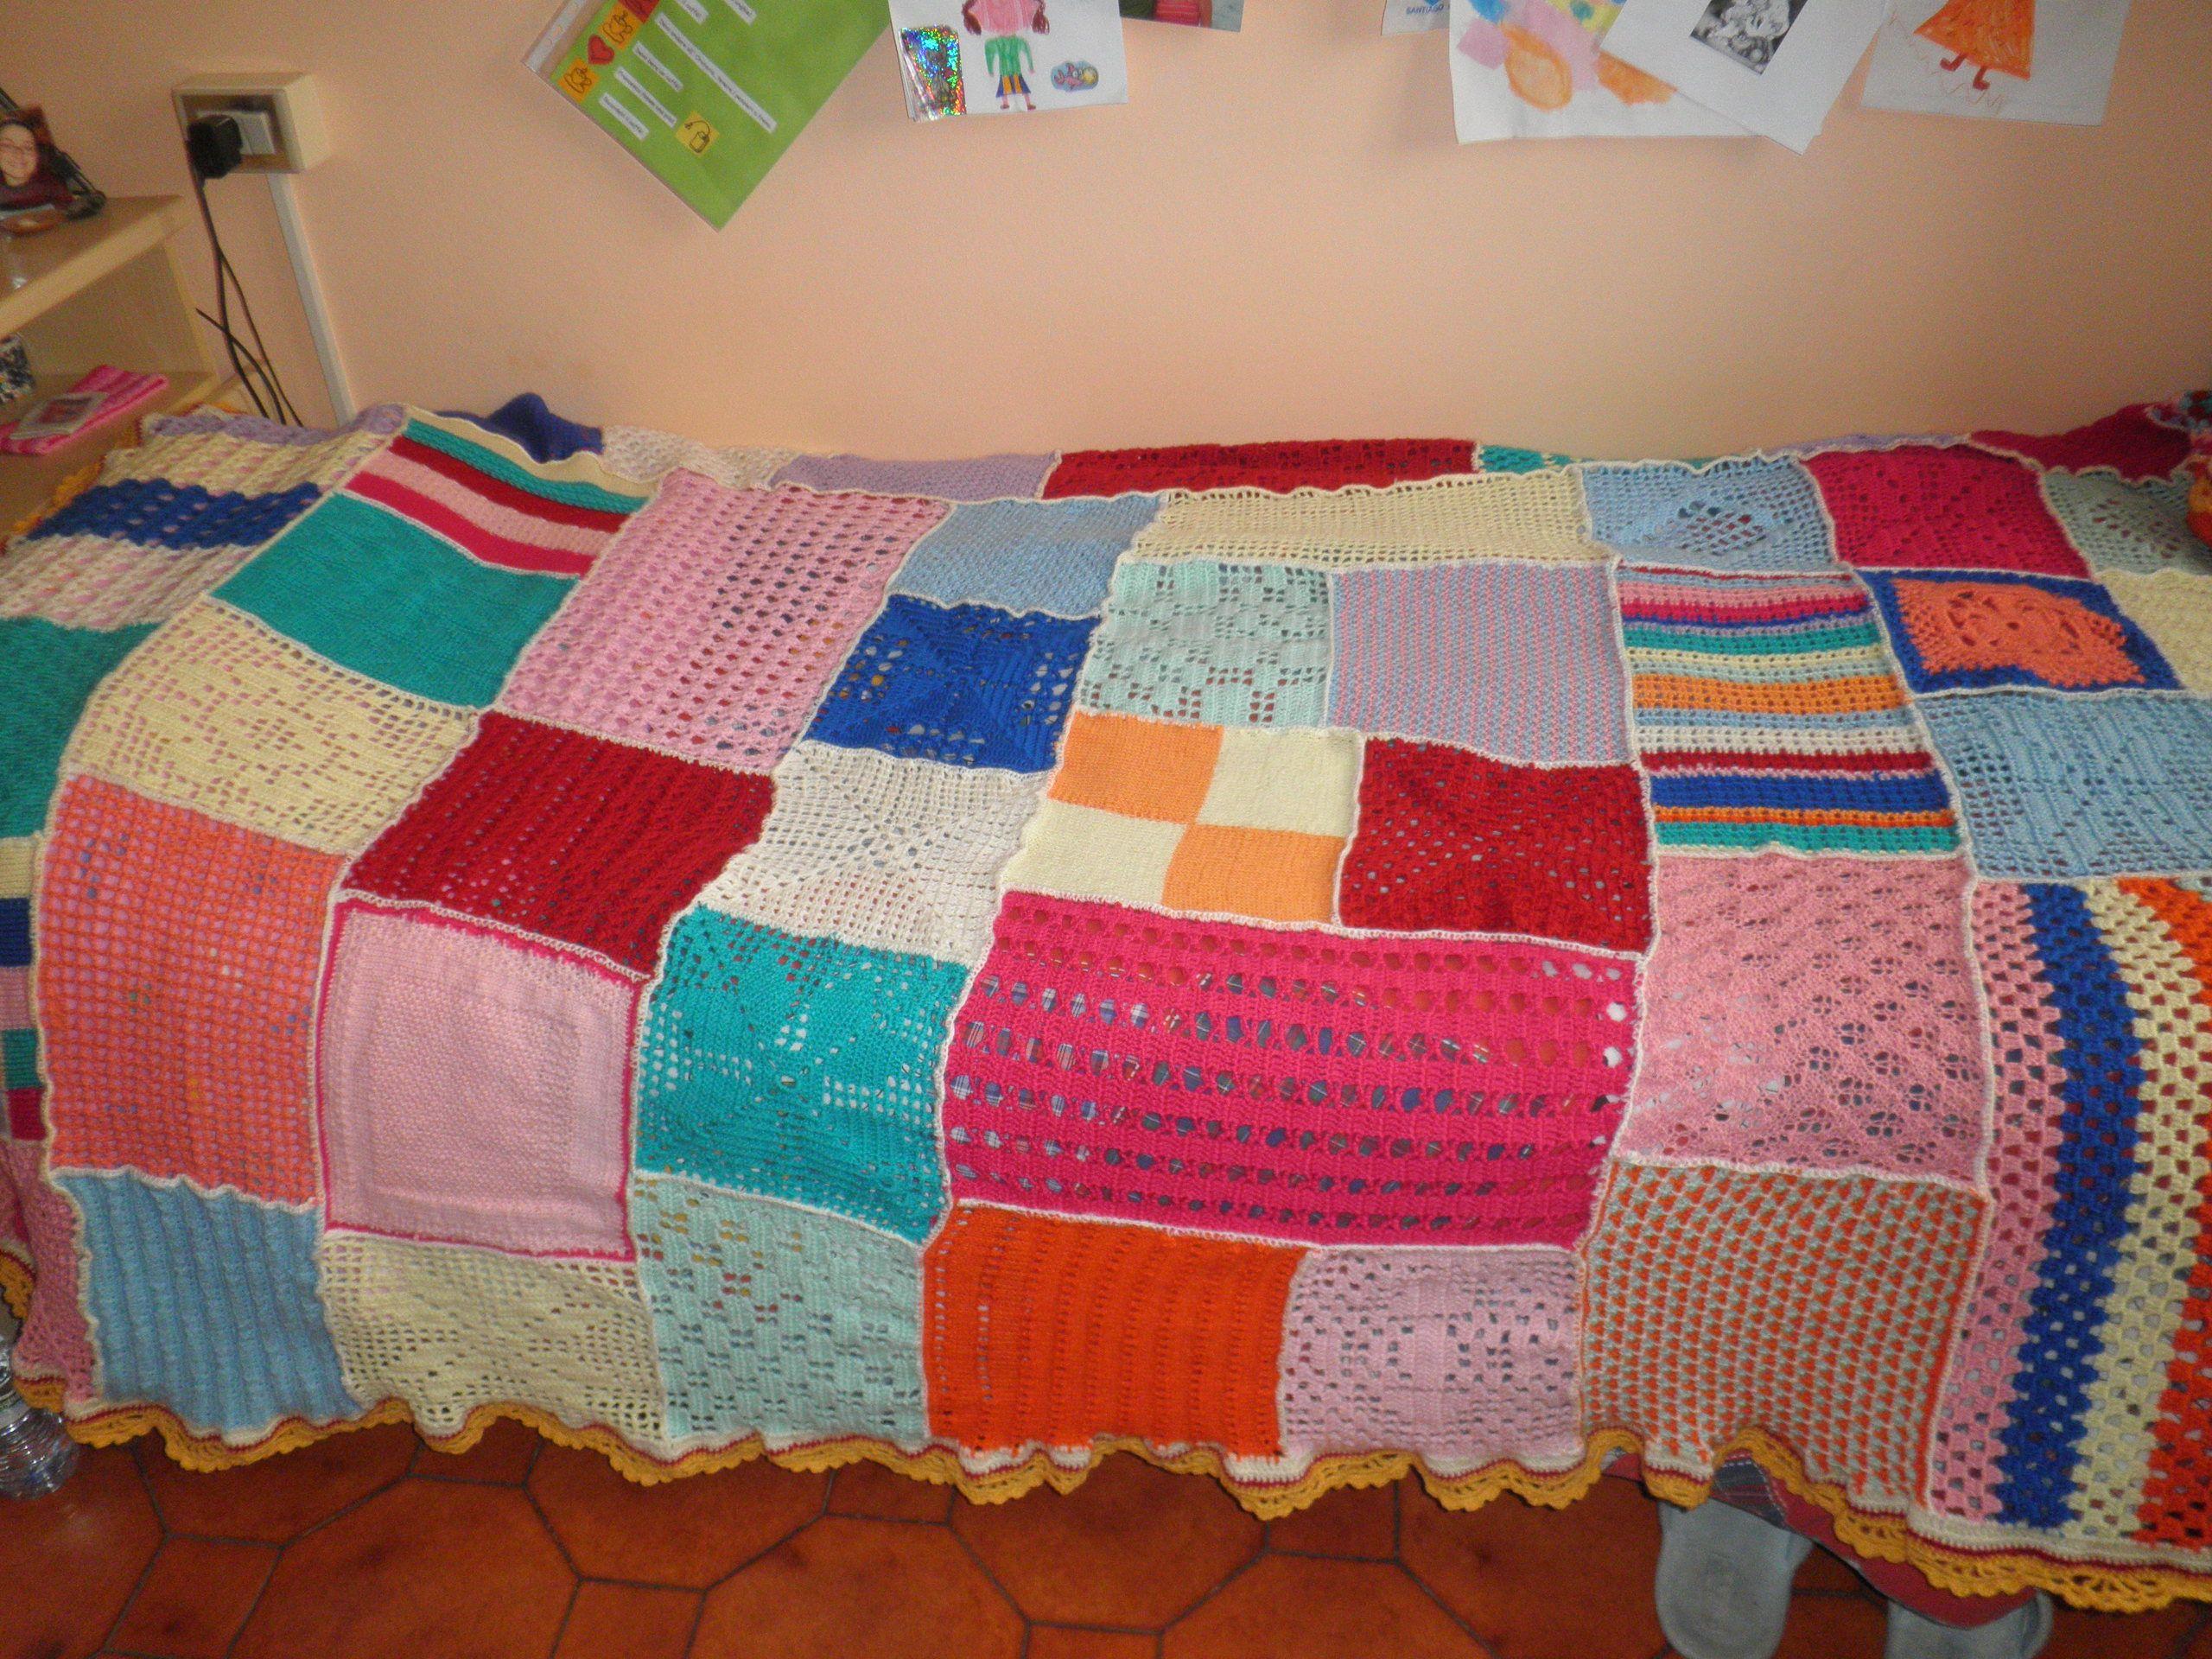 Coperta multicolor fatta con quadri uno diverso dall 39 altro for Disegni di coperta inclusi